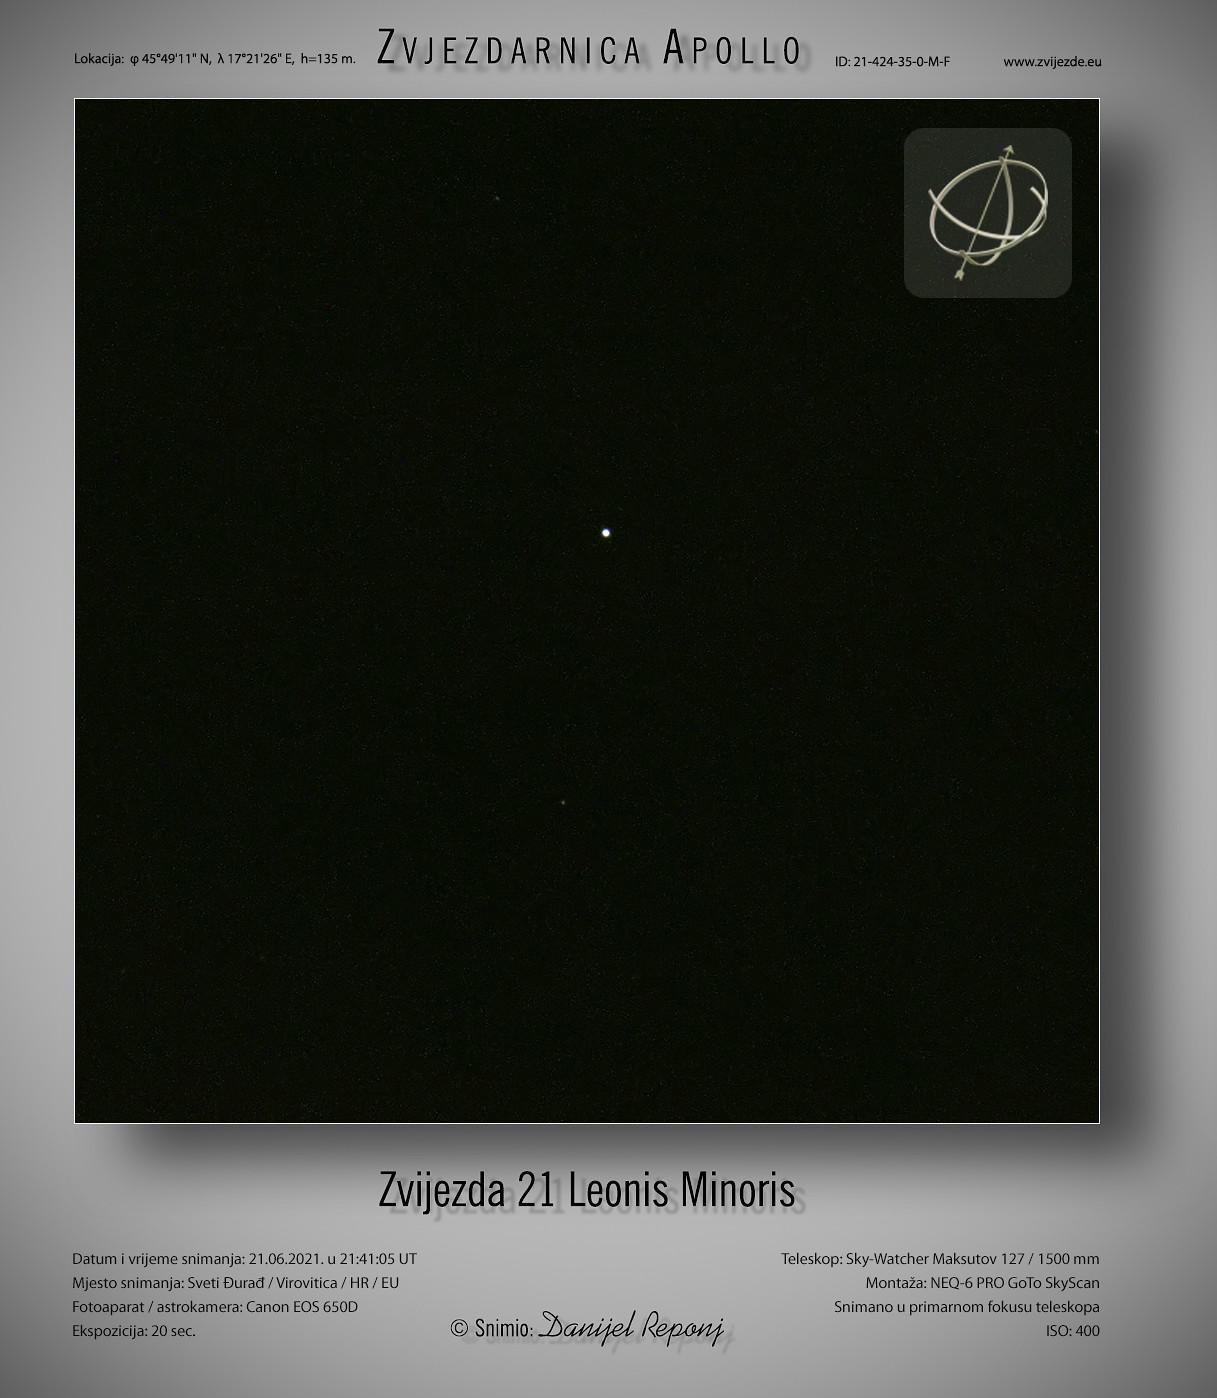 Zvijezda 21 Leonis Minoris, 21.6.2021.